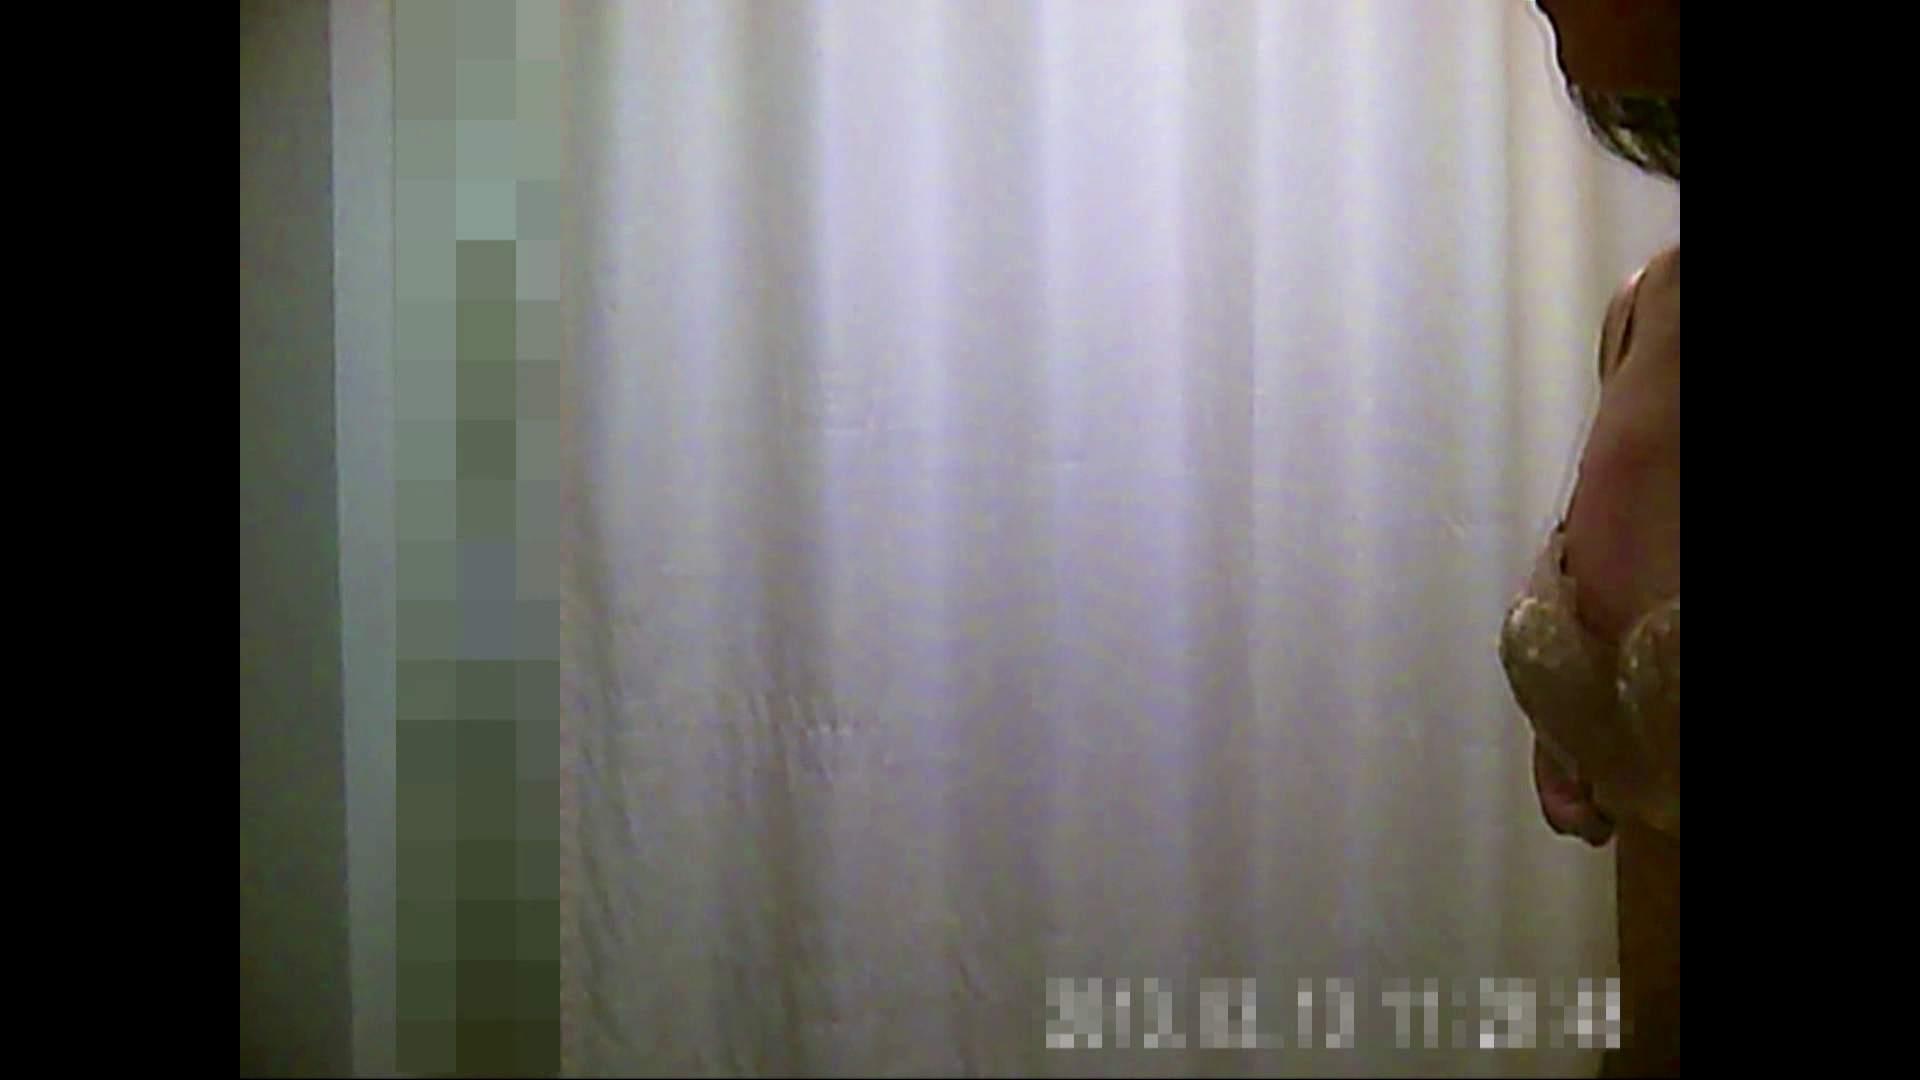 元医者による反抗 更衣室地獄絵巻 vol.097 OLの実態  87pic 56